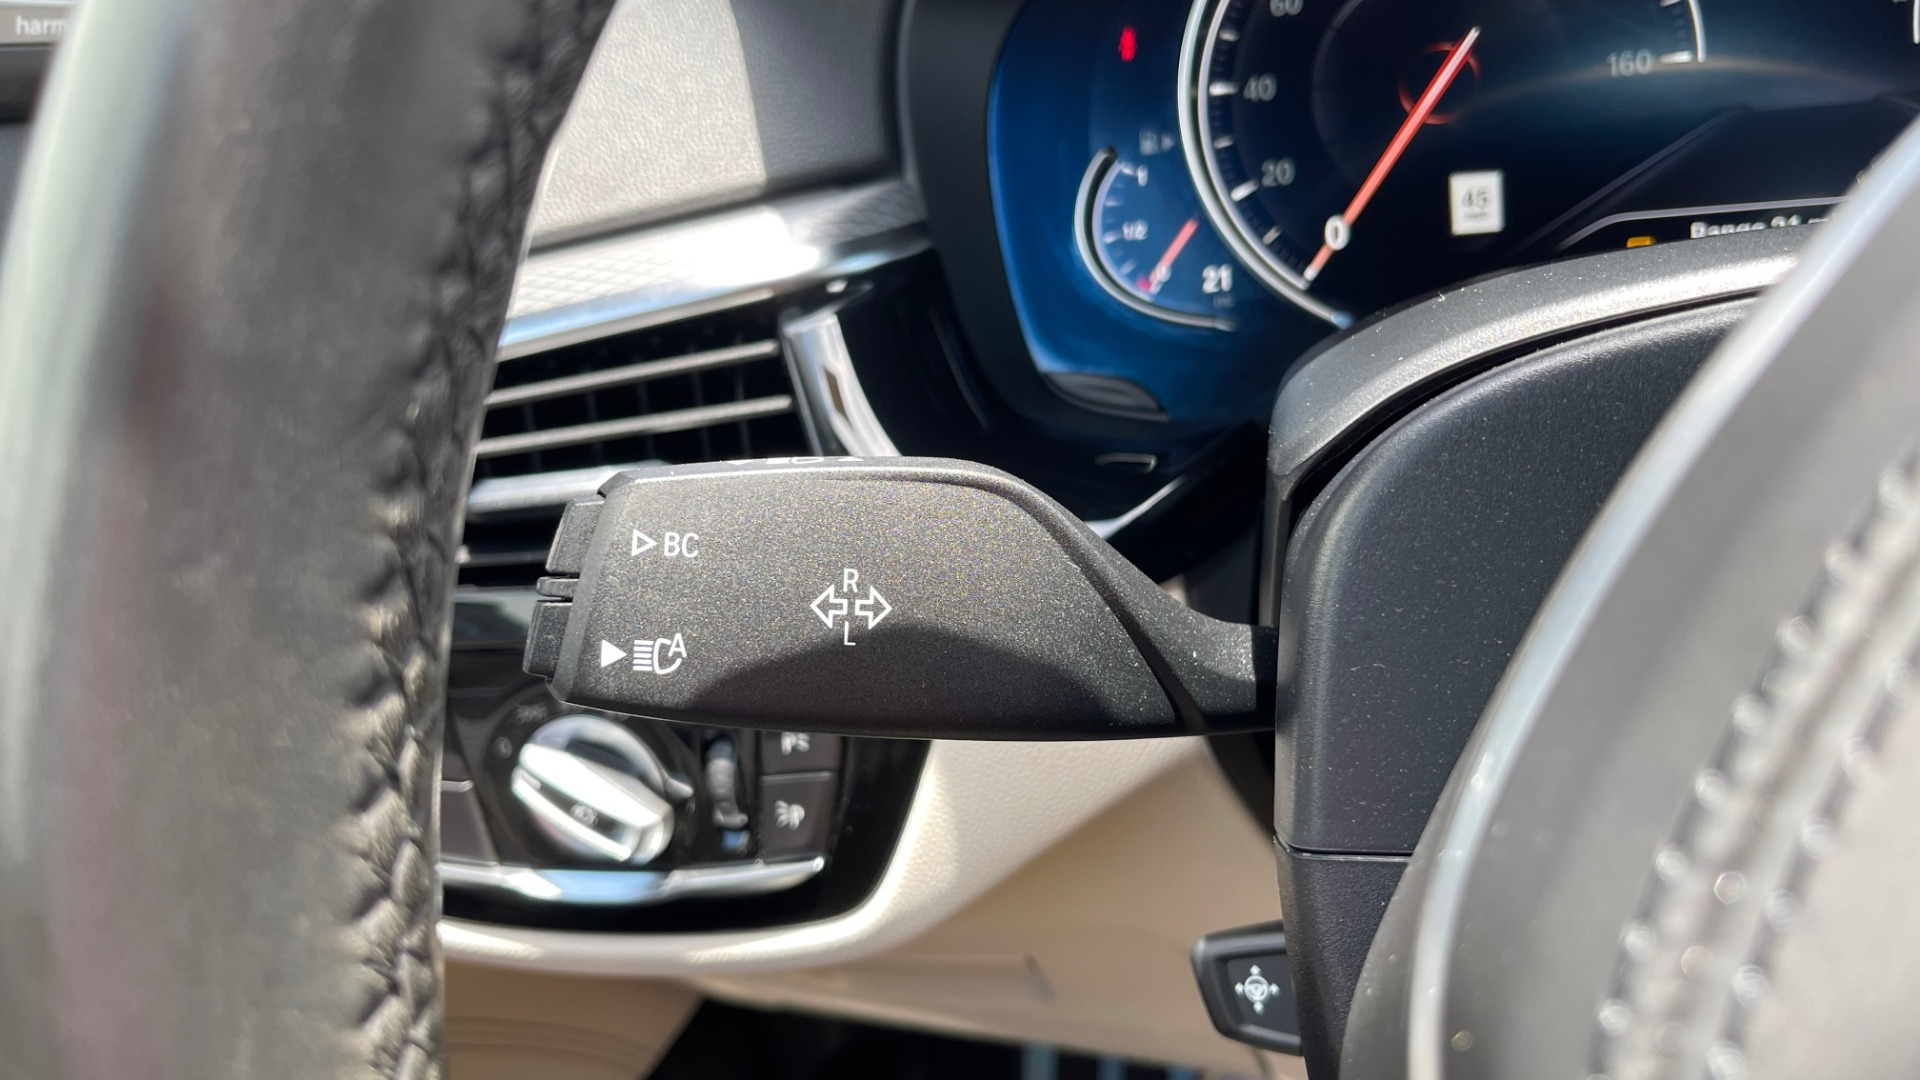 Used 2018 BMW 5 SERIES 540I M-SPORT / EXECUTIVE PKG / DRVR ASST PKG / BLIND SPOT / LANE DEPART for sale $40,995 at Formula Imports in Charlotte NC 28227 43